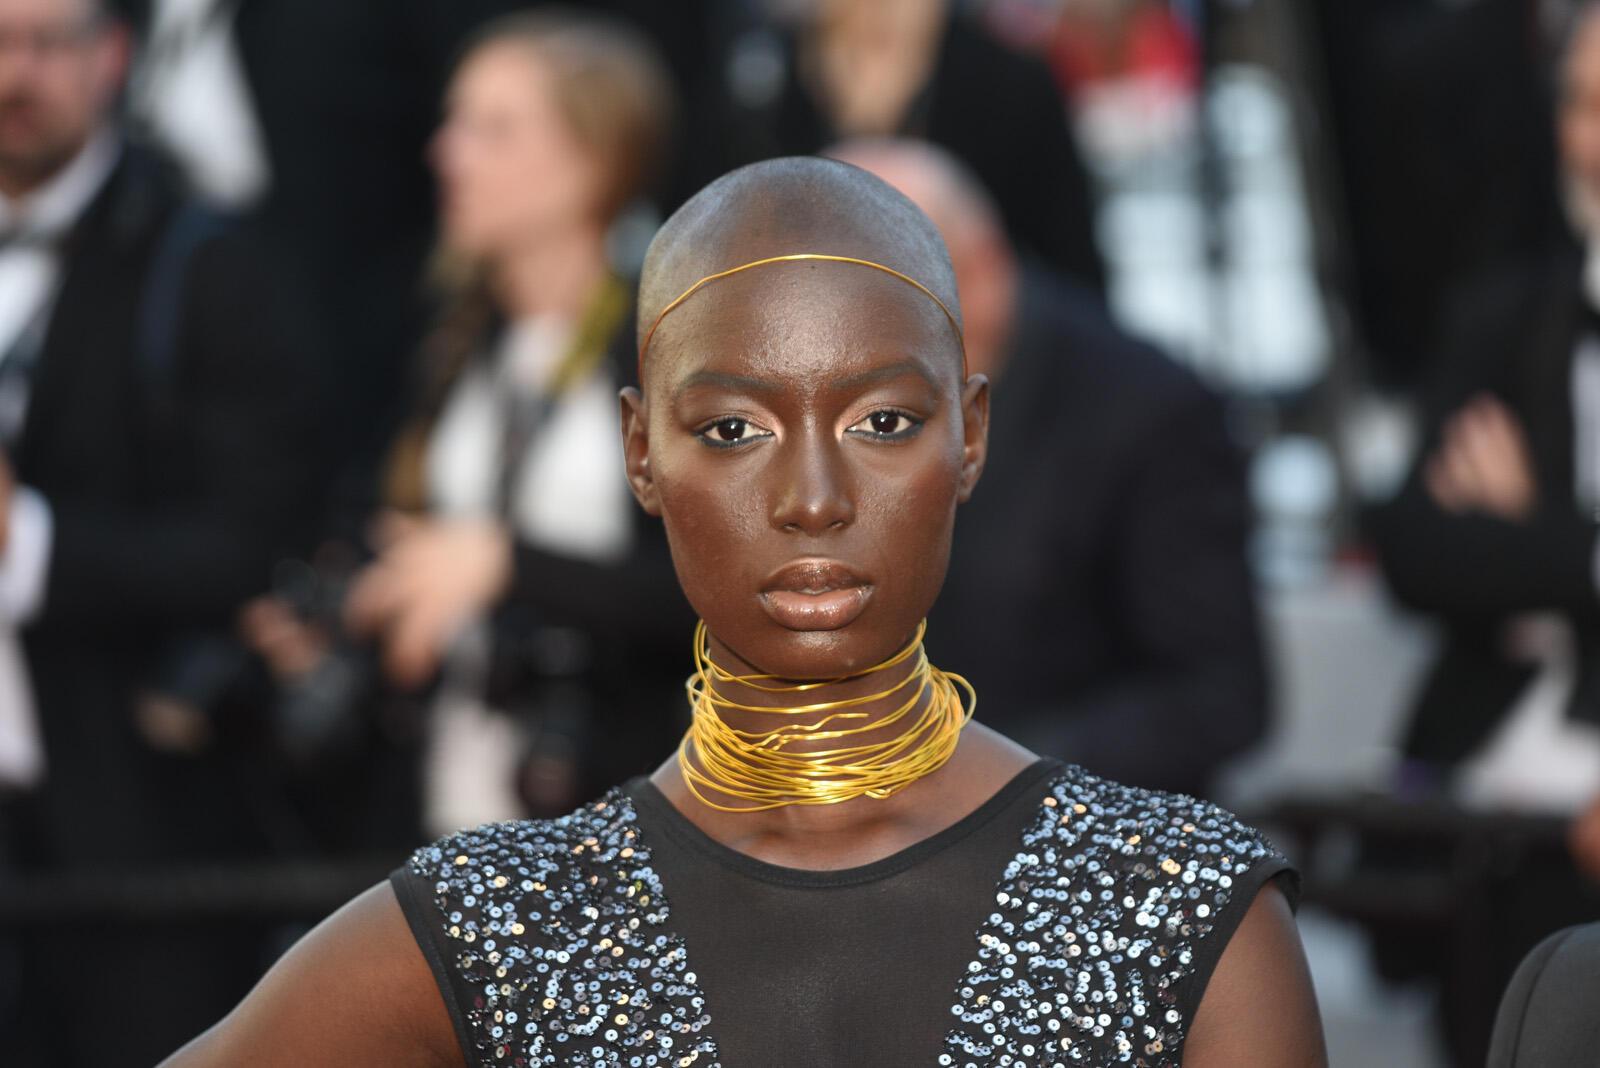 La supermodelo tanzana Miriam Odemba posa sobre la alfombra roja.